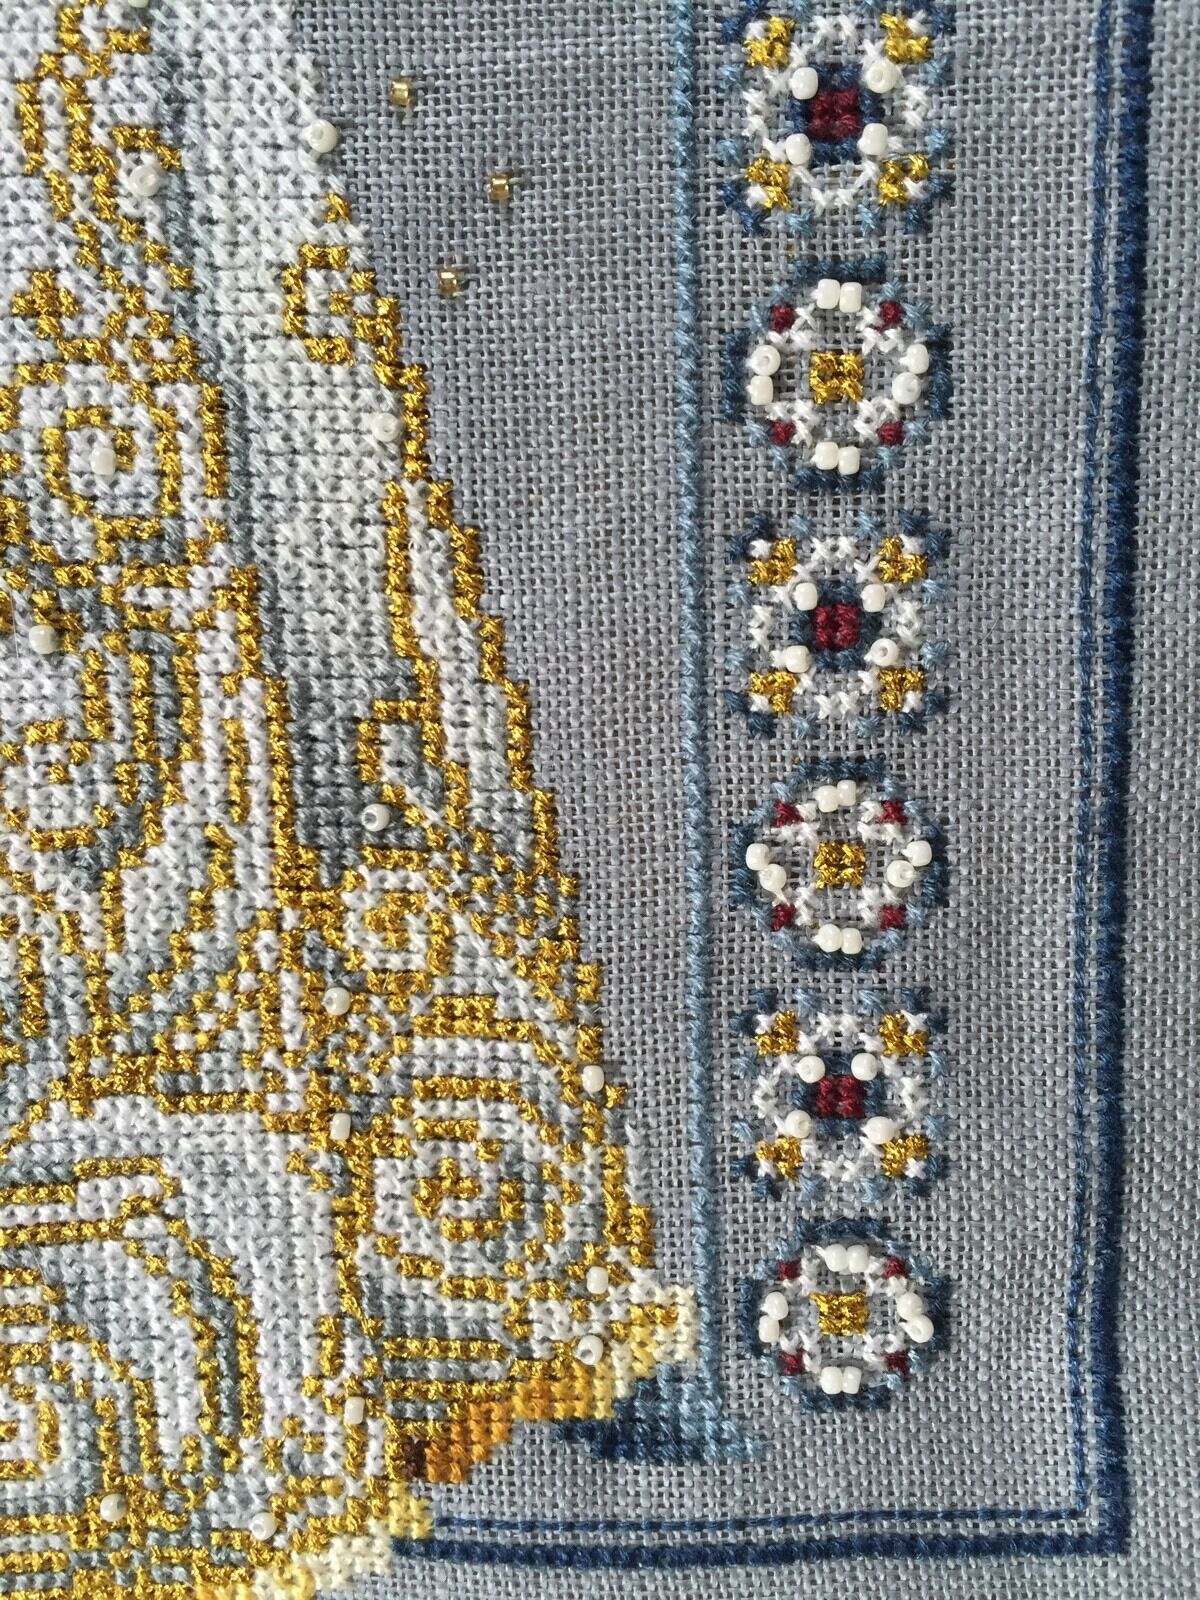 Lavender & & Lavender Lace Celtique hiver terminé Cross stitch ec8cdb